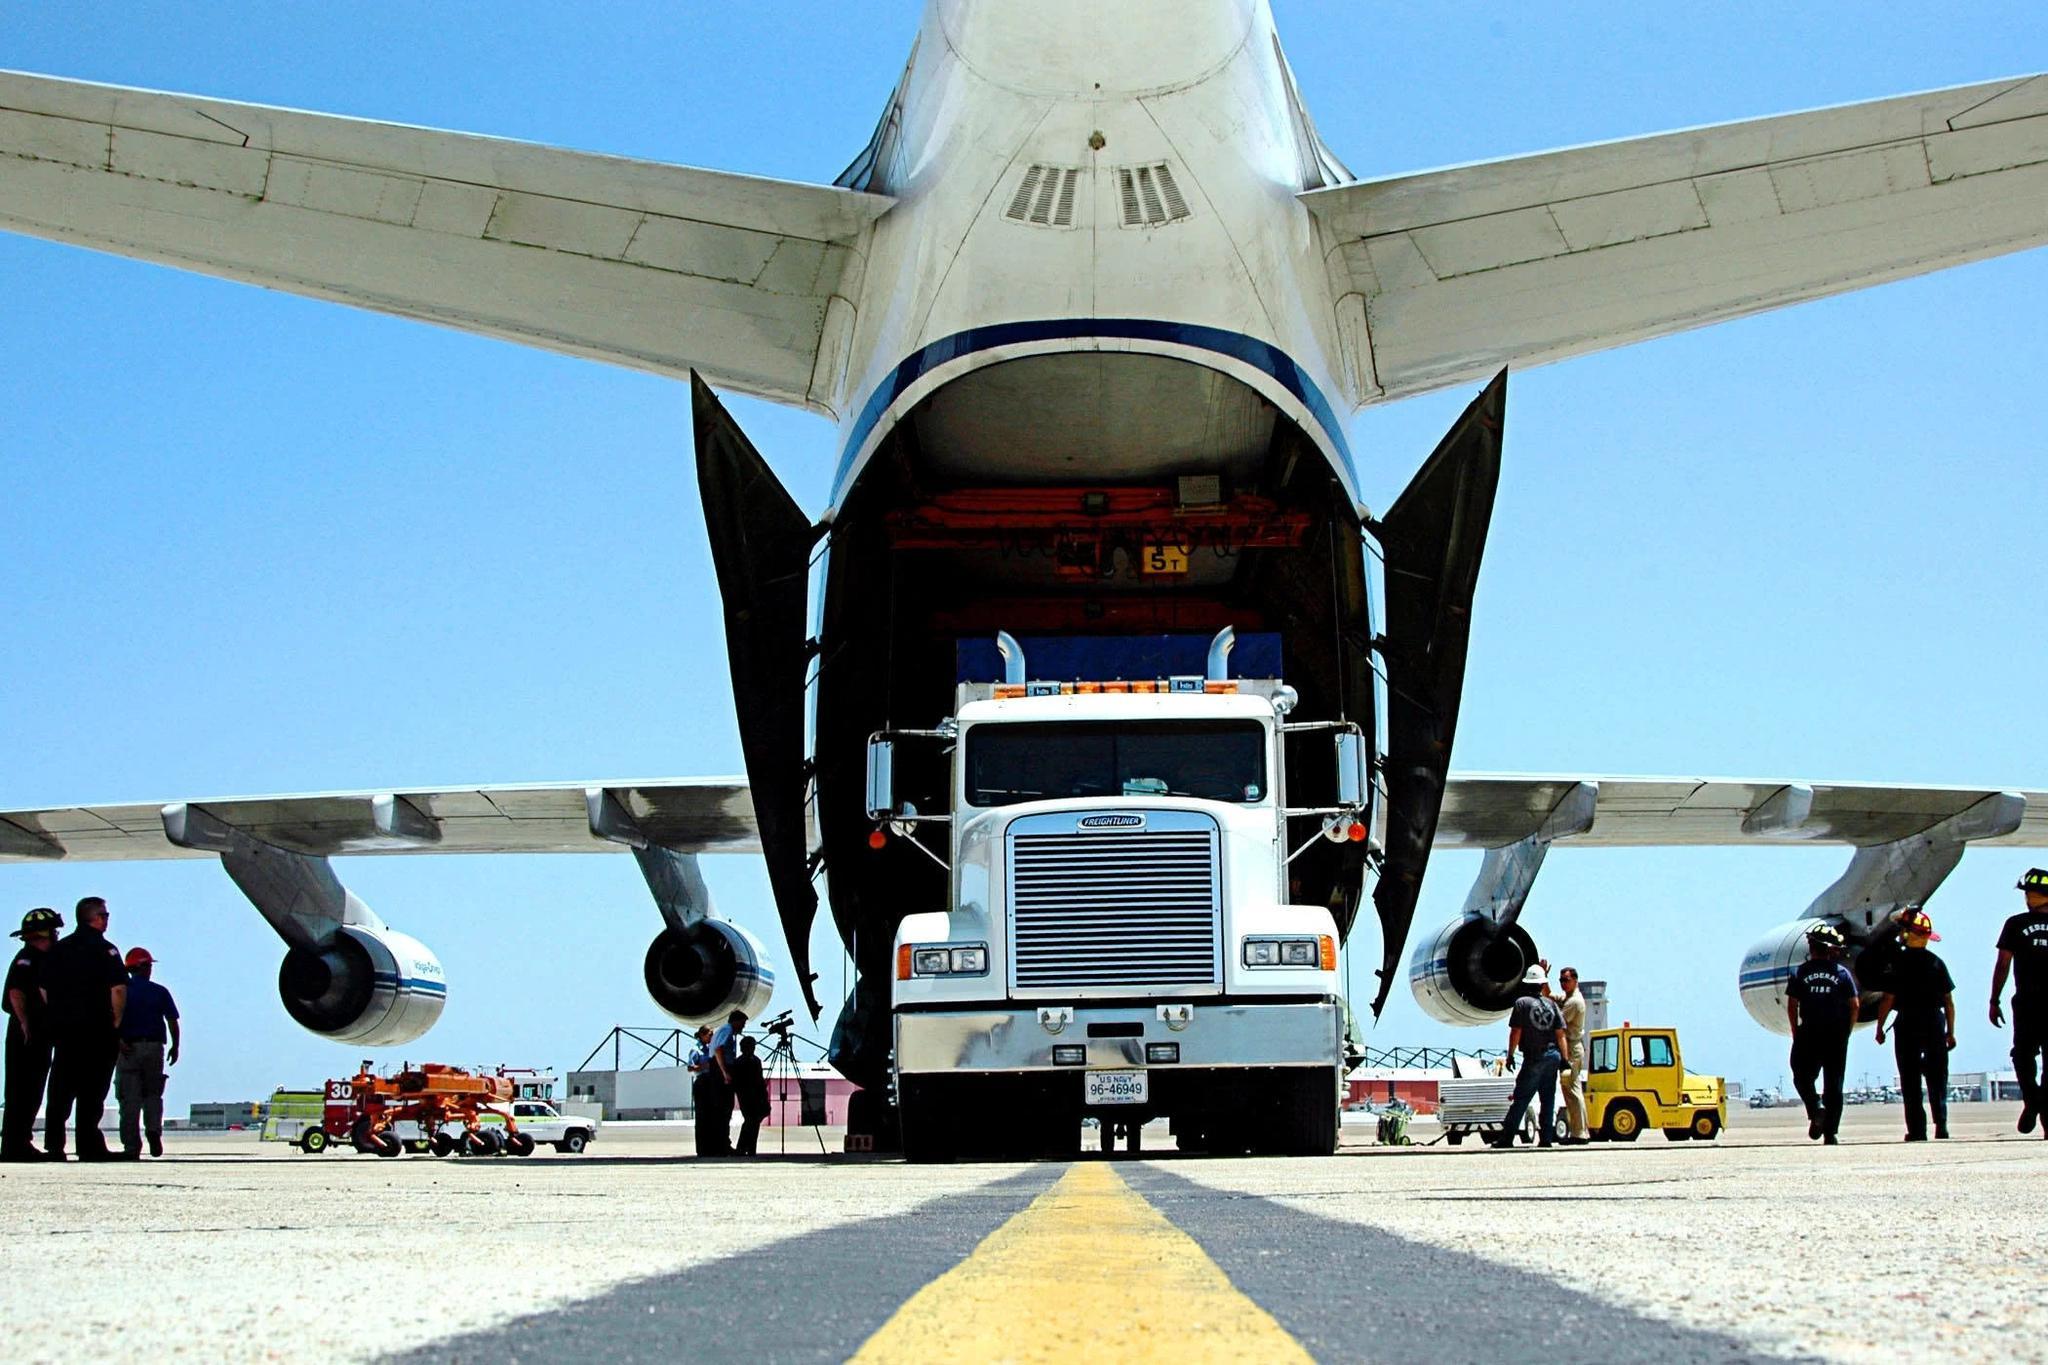 400吨大运直航北美 里面装啥?12架战机接力护航 美:雪中送炭!